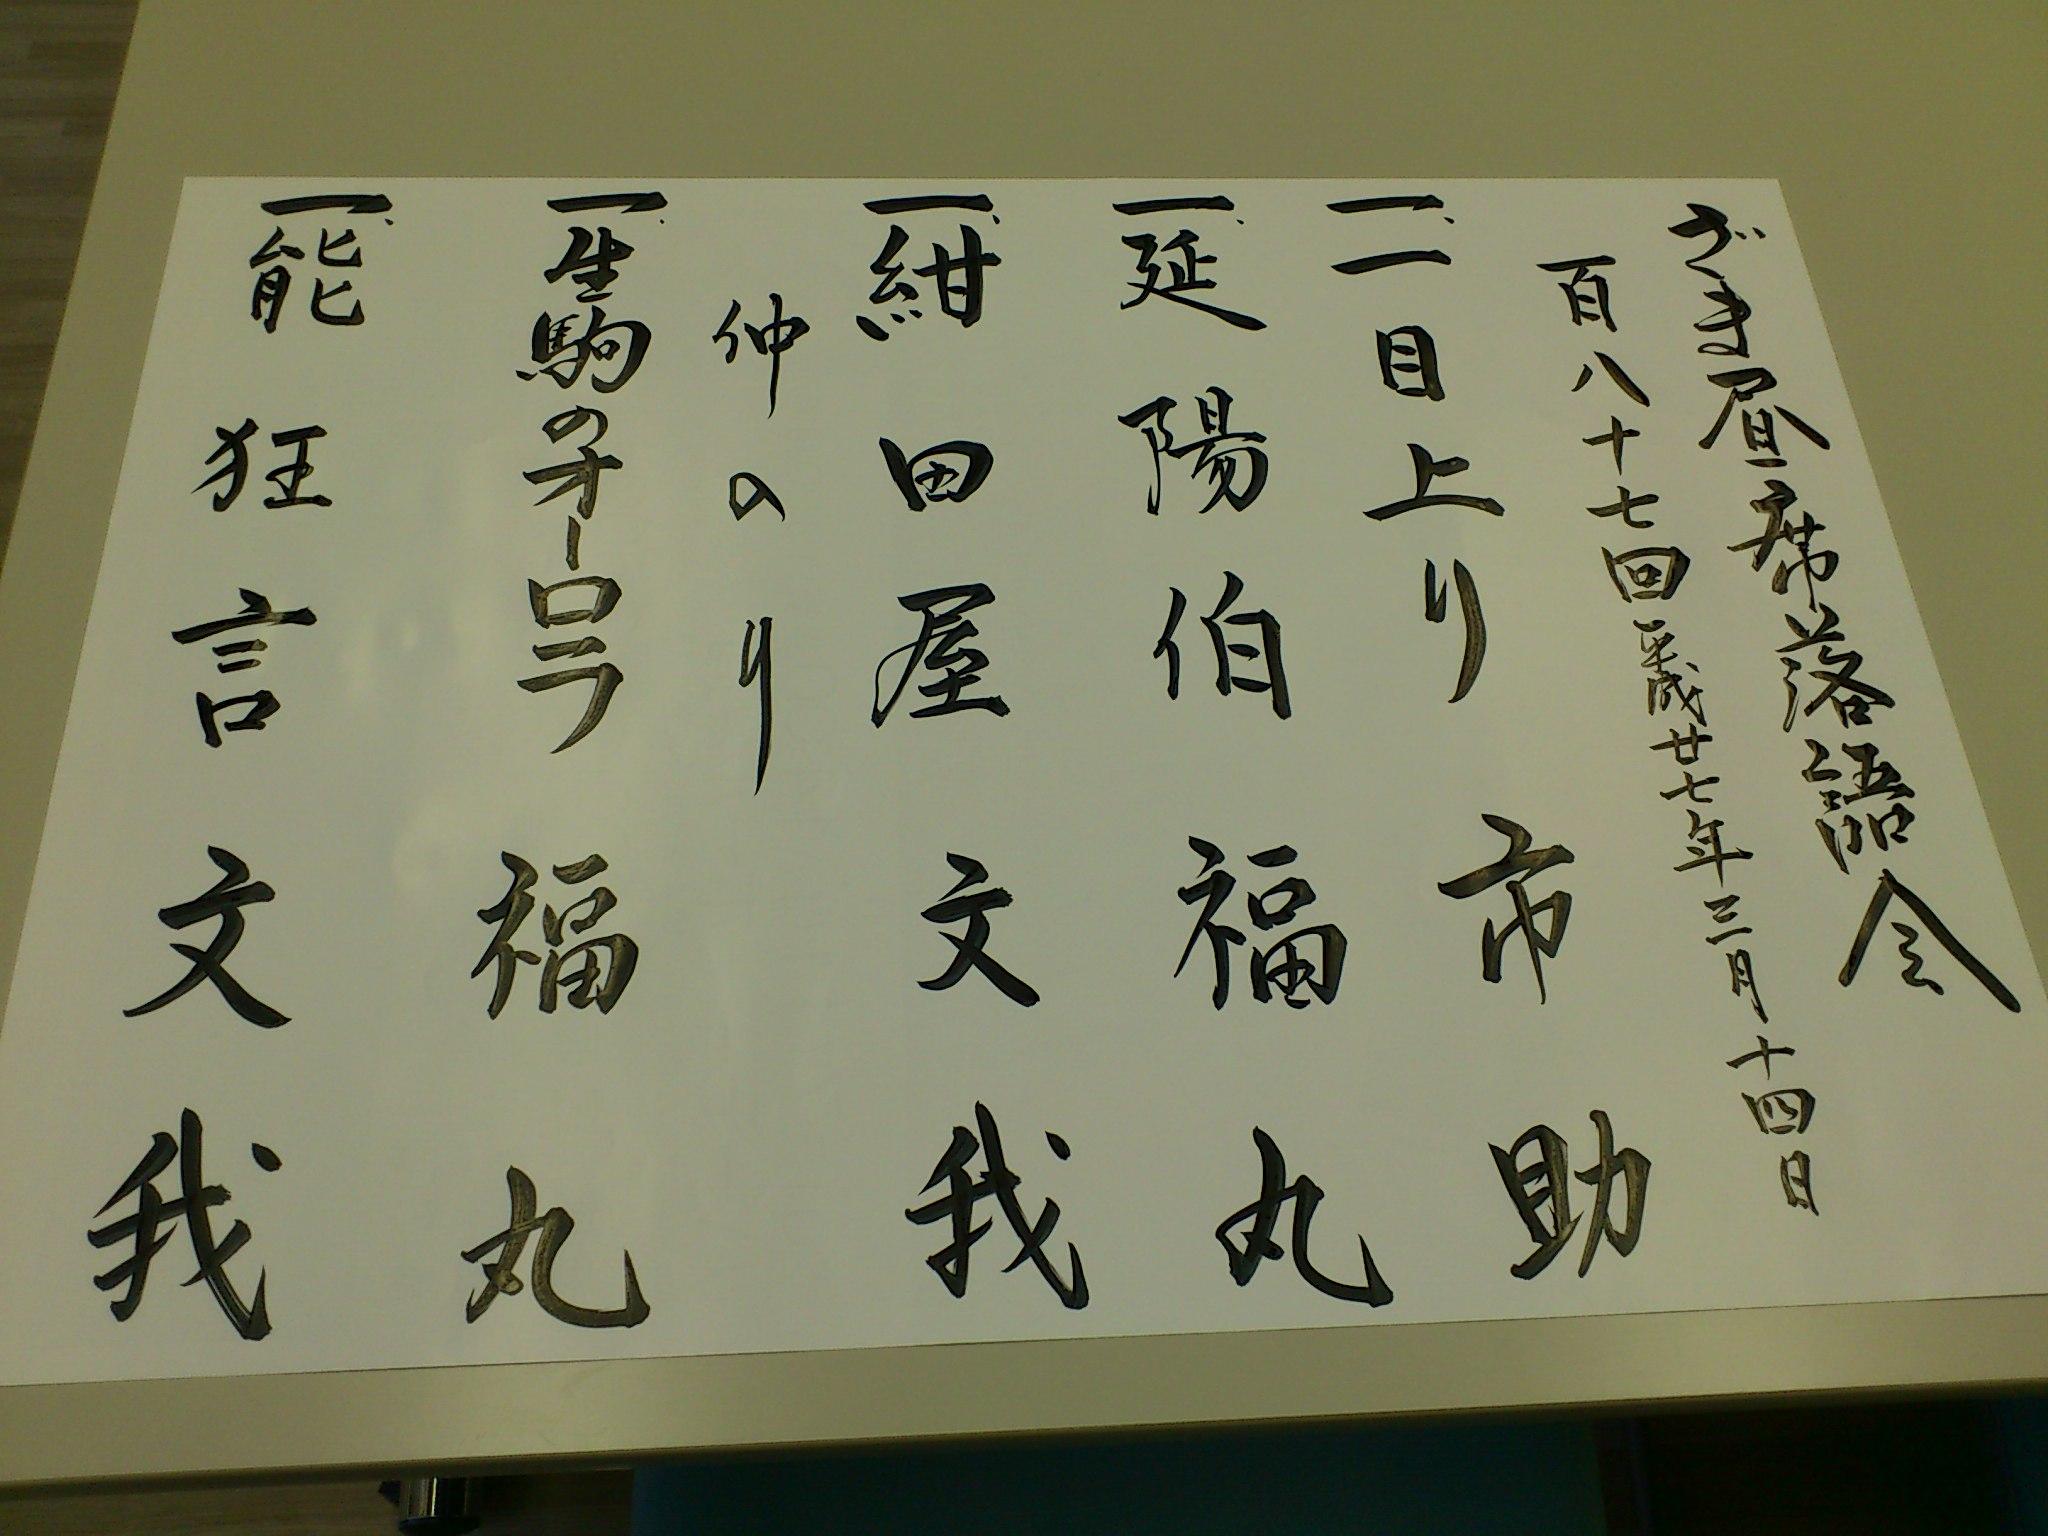 神奈川、座間昼間寄席。ネタ帳です。私は「延陽伯」「生駒のオーロラ」市助くん達筆すぎたので写真を。